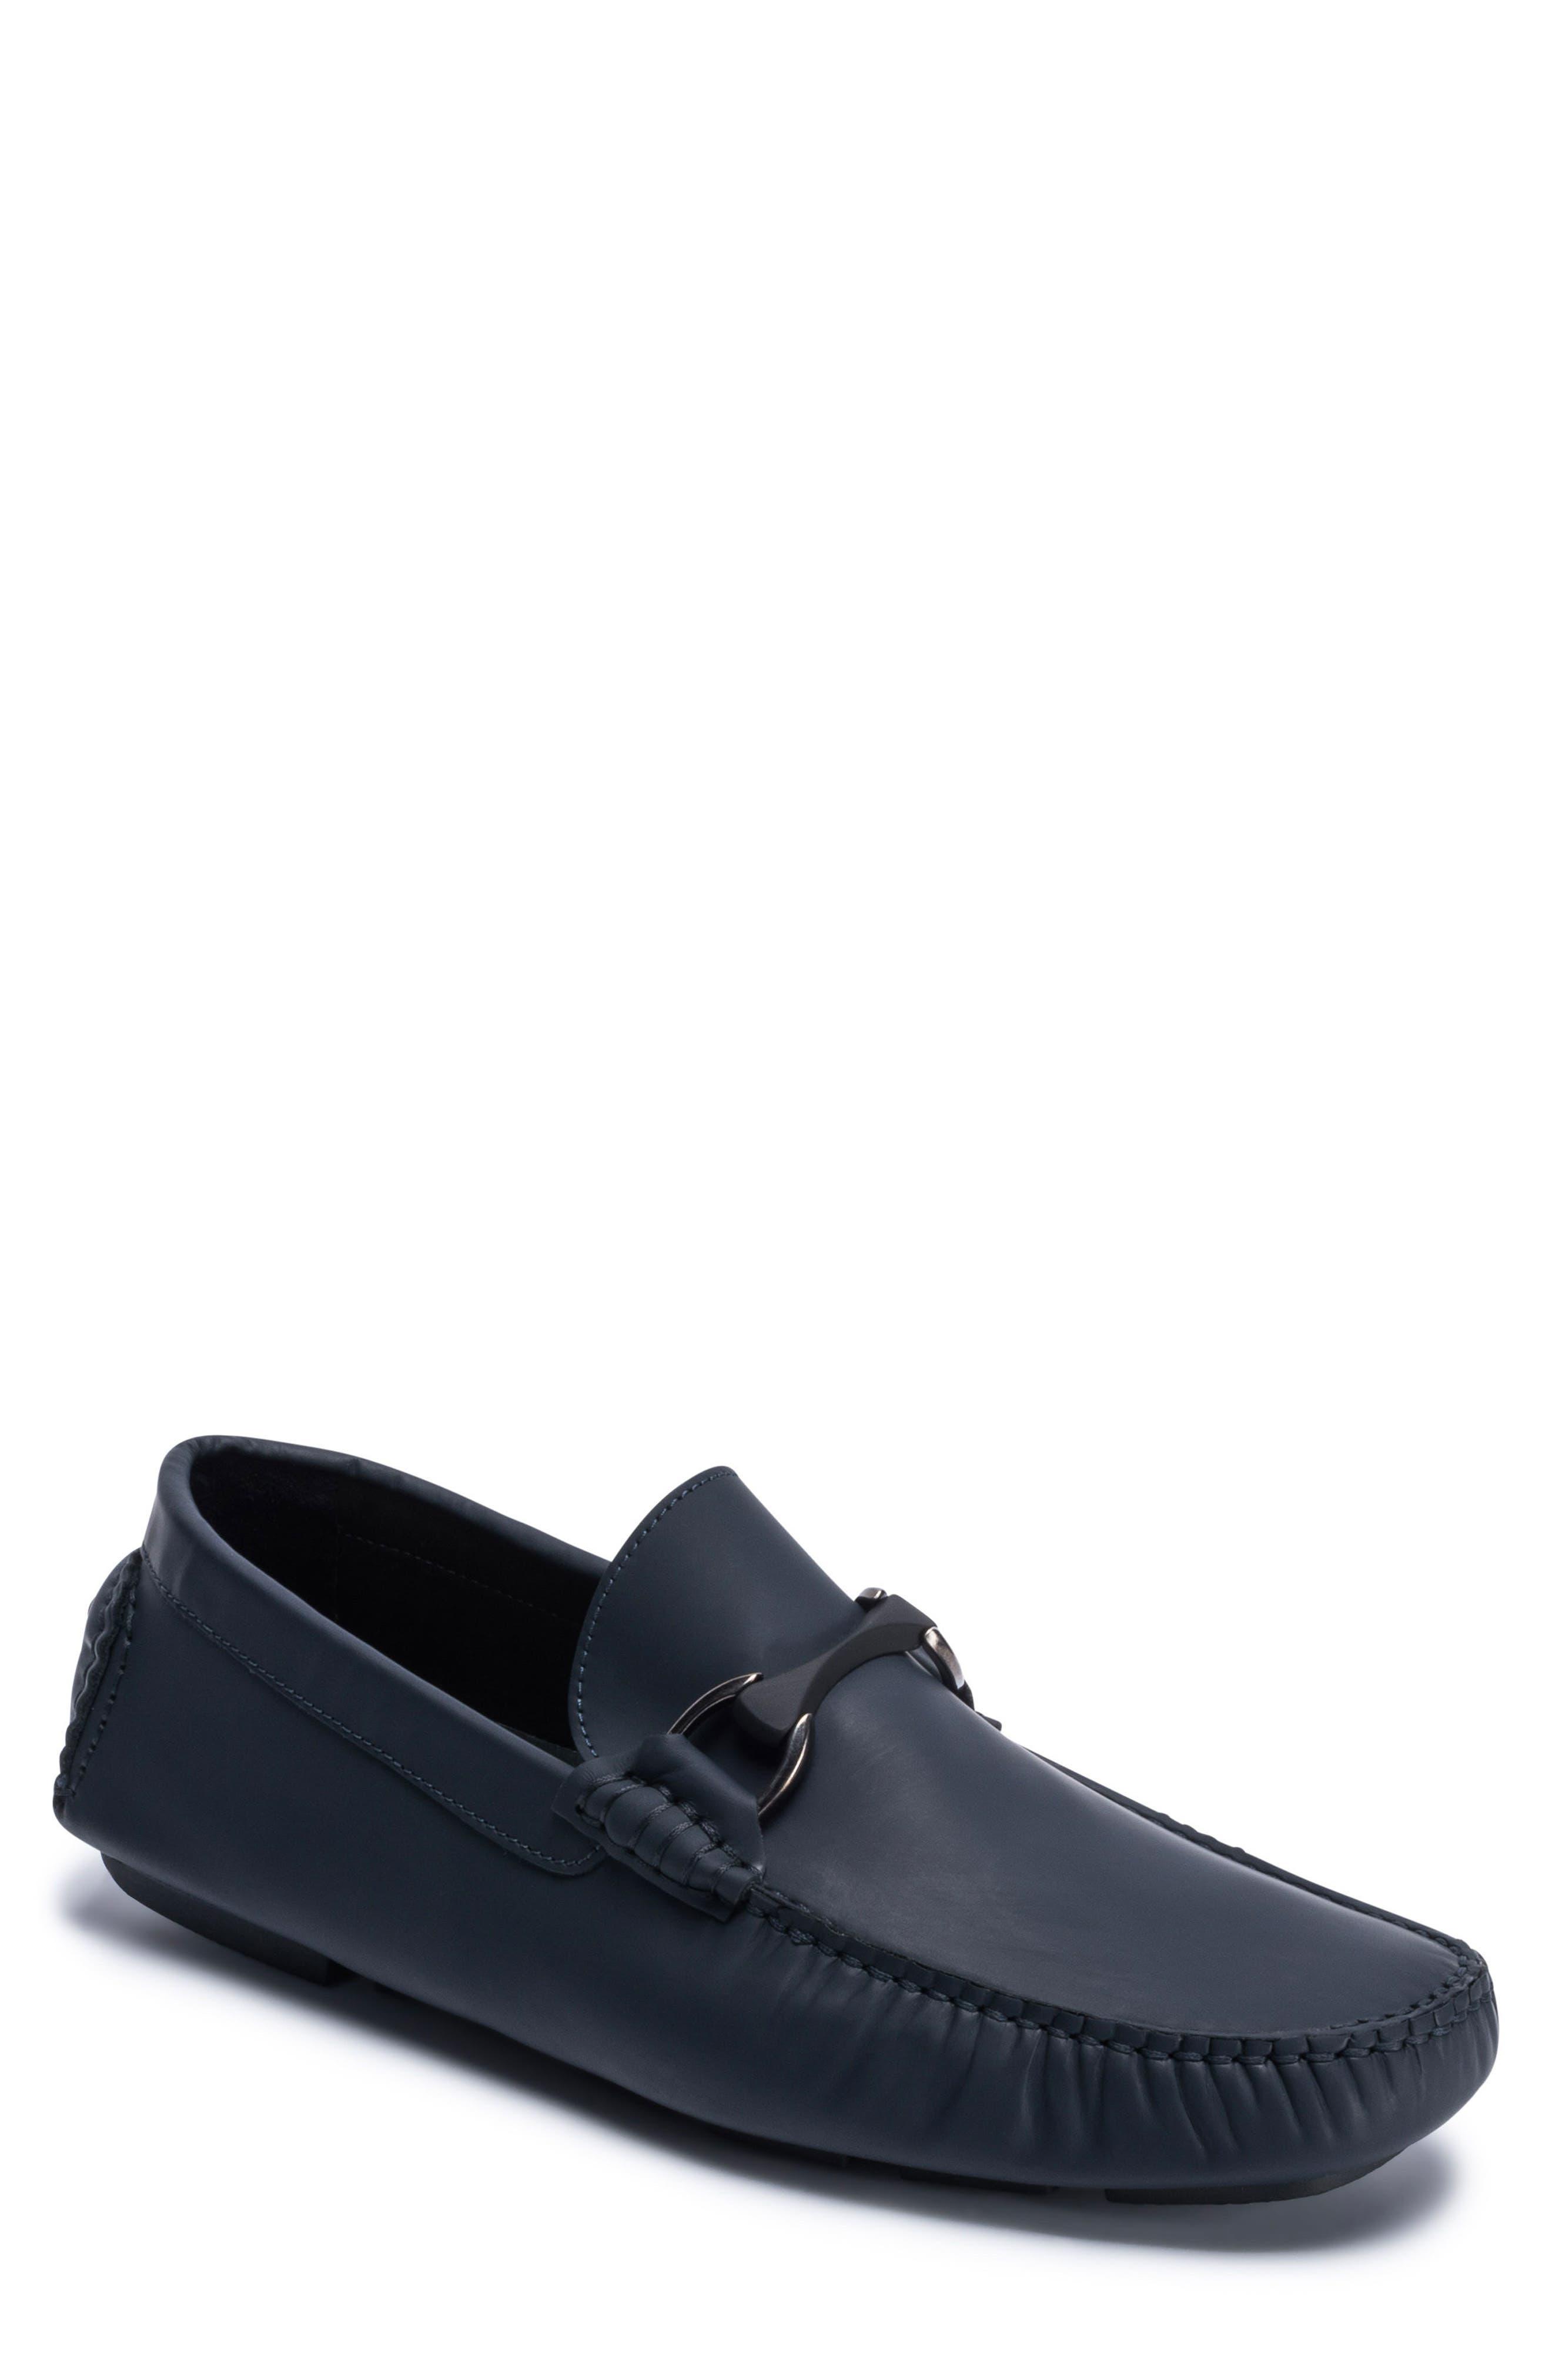 Main Image - Bugatchi Sanremo Driving Shoe (Men)